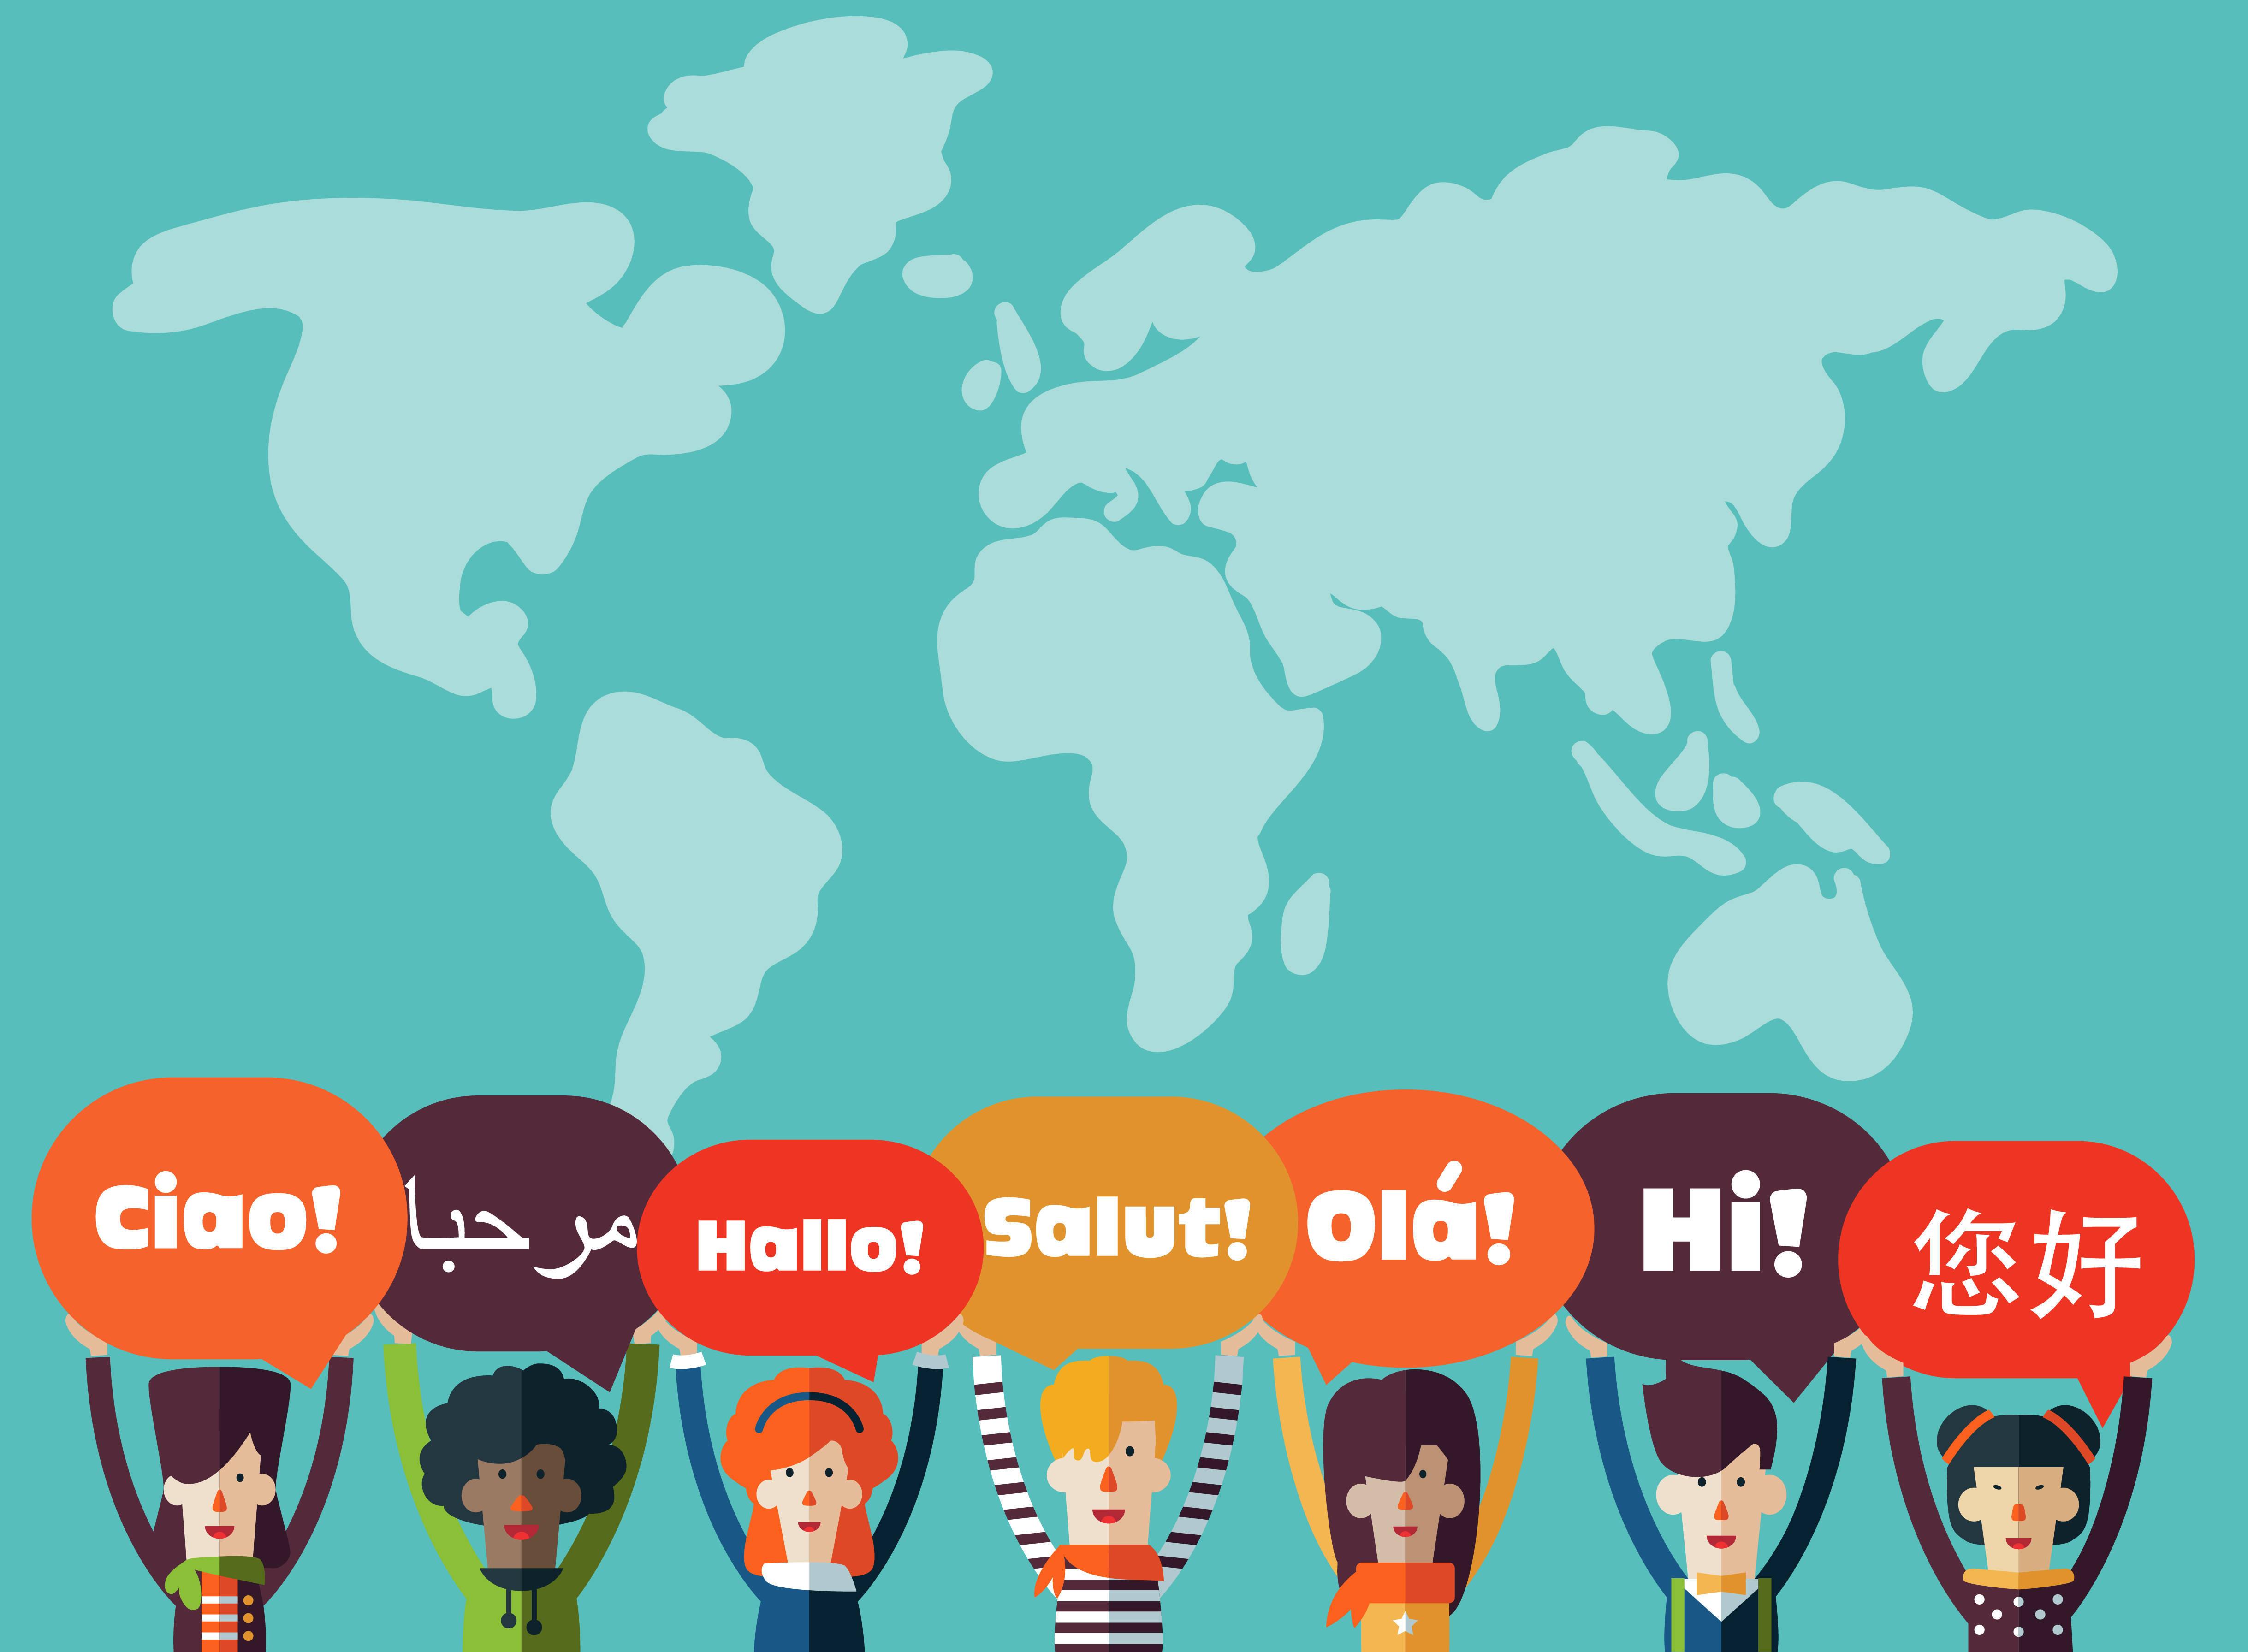 Las ventajas de aprender idiomas